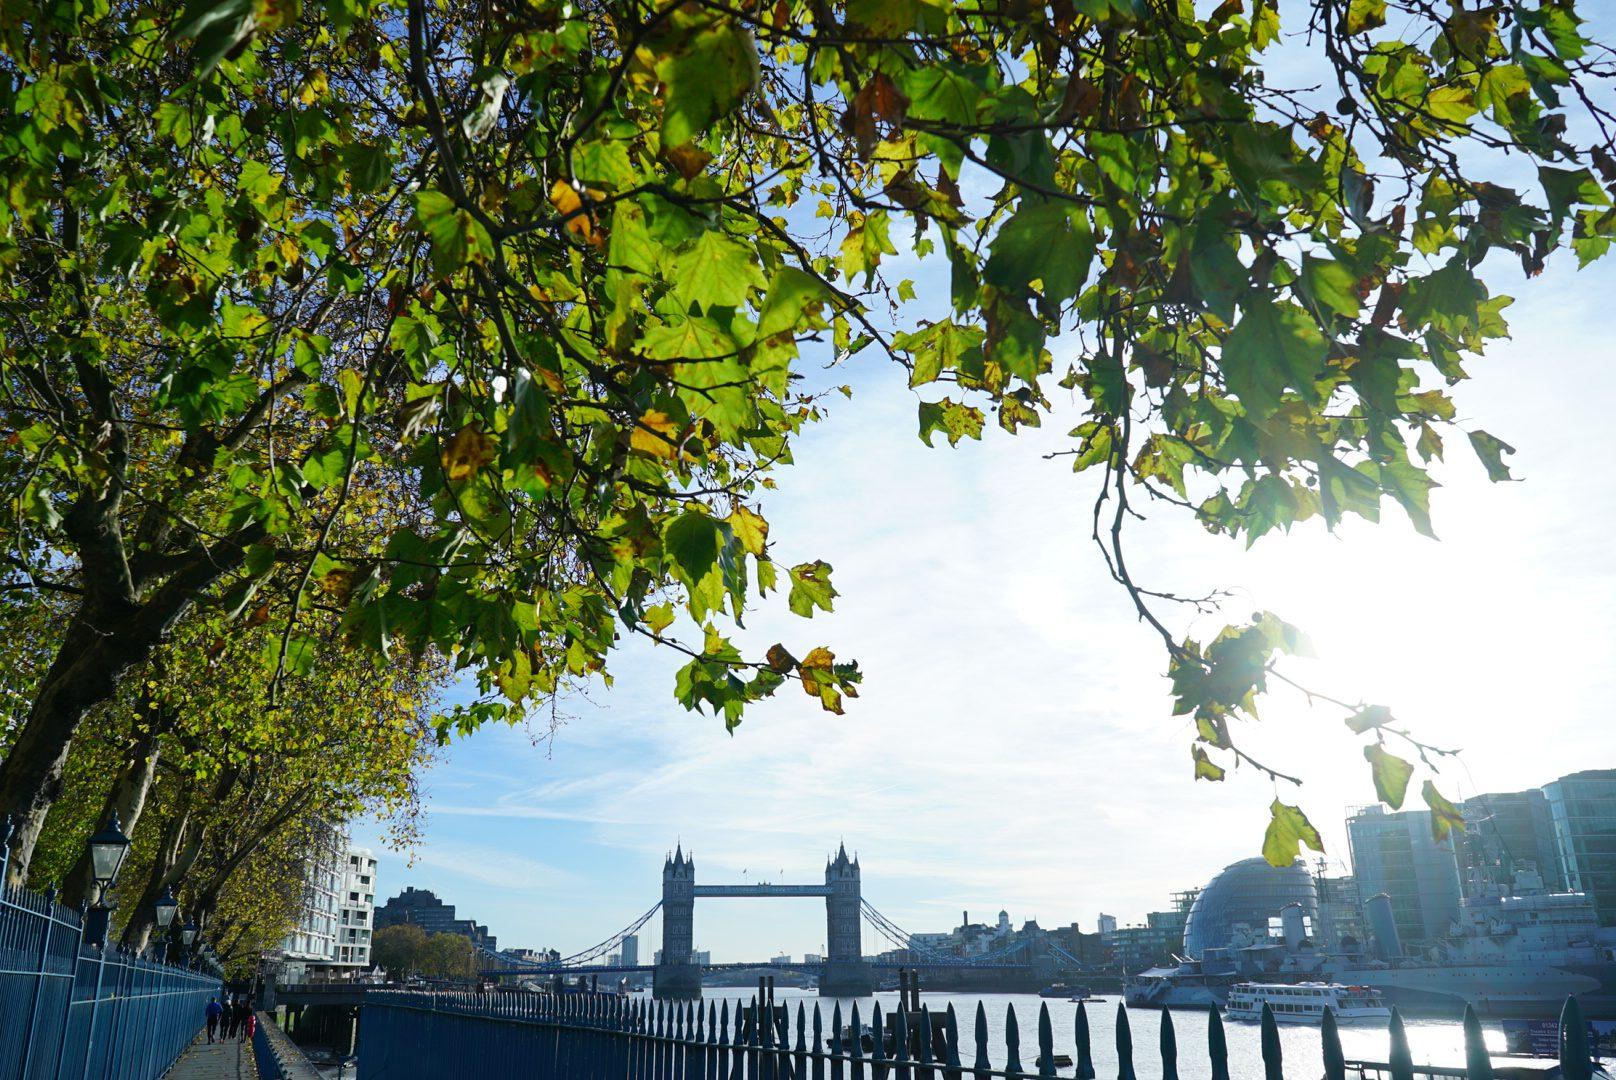 ✈ London